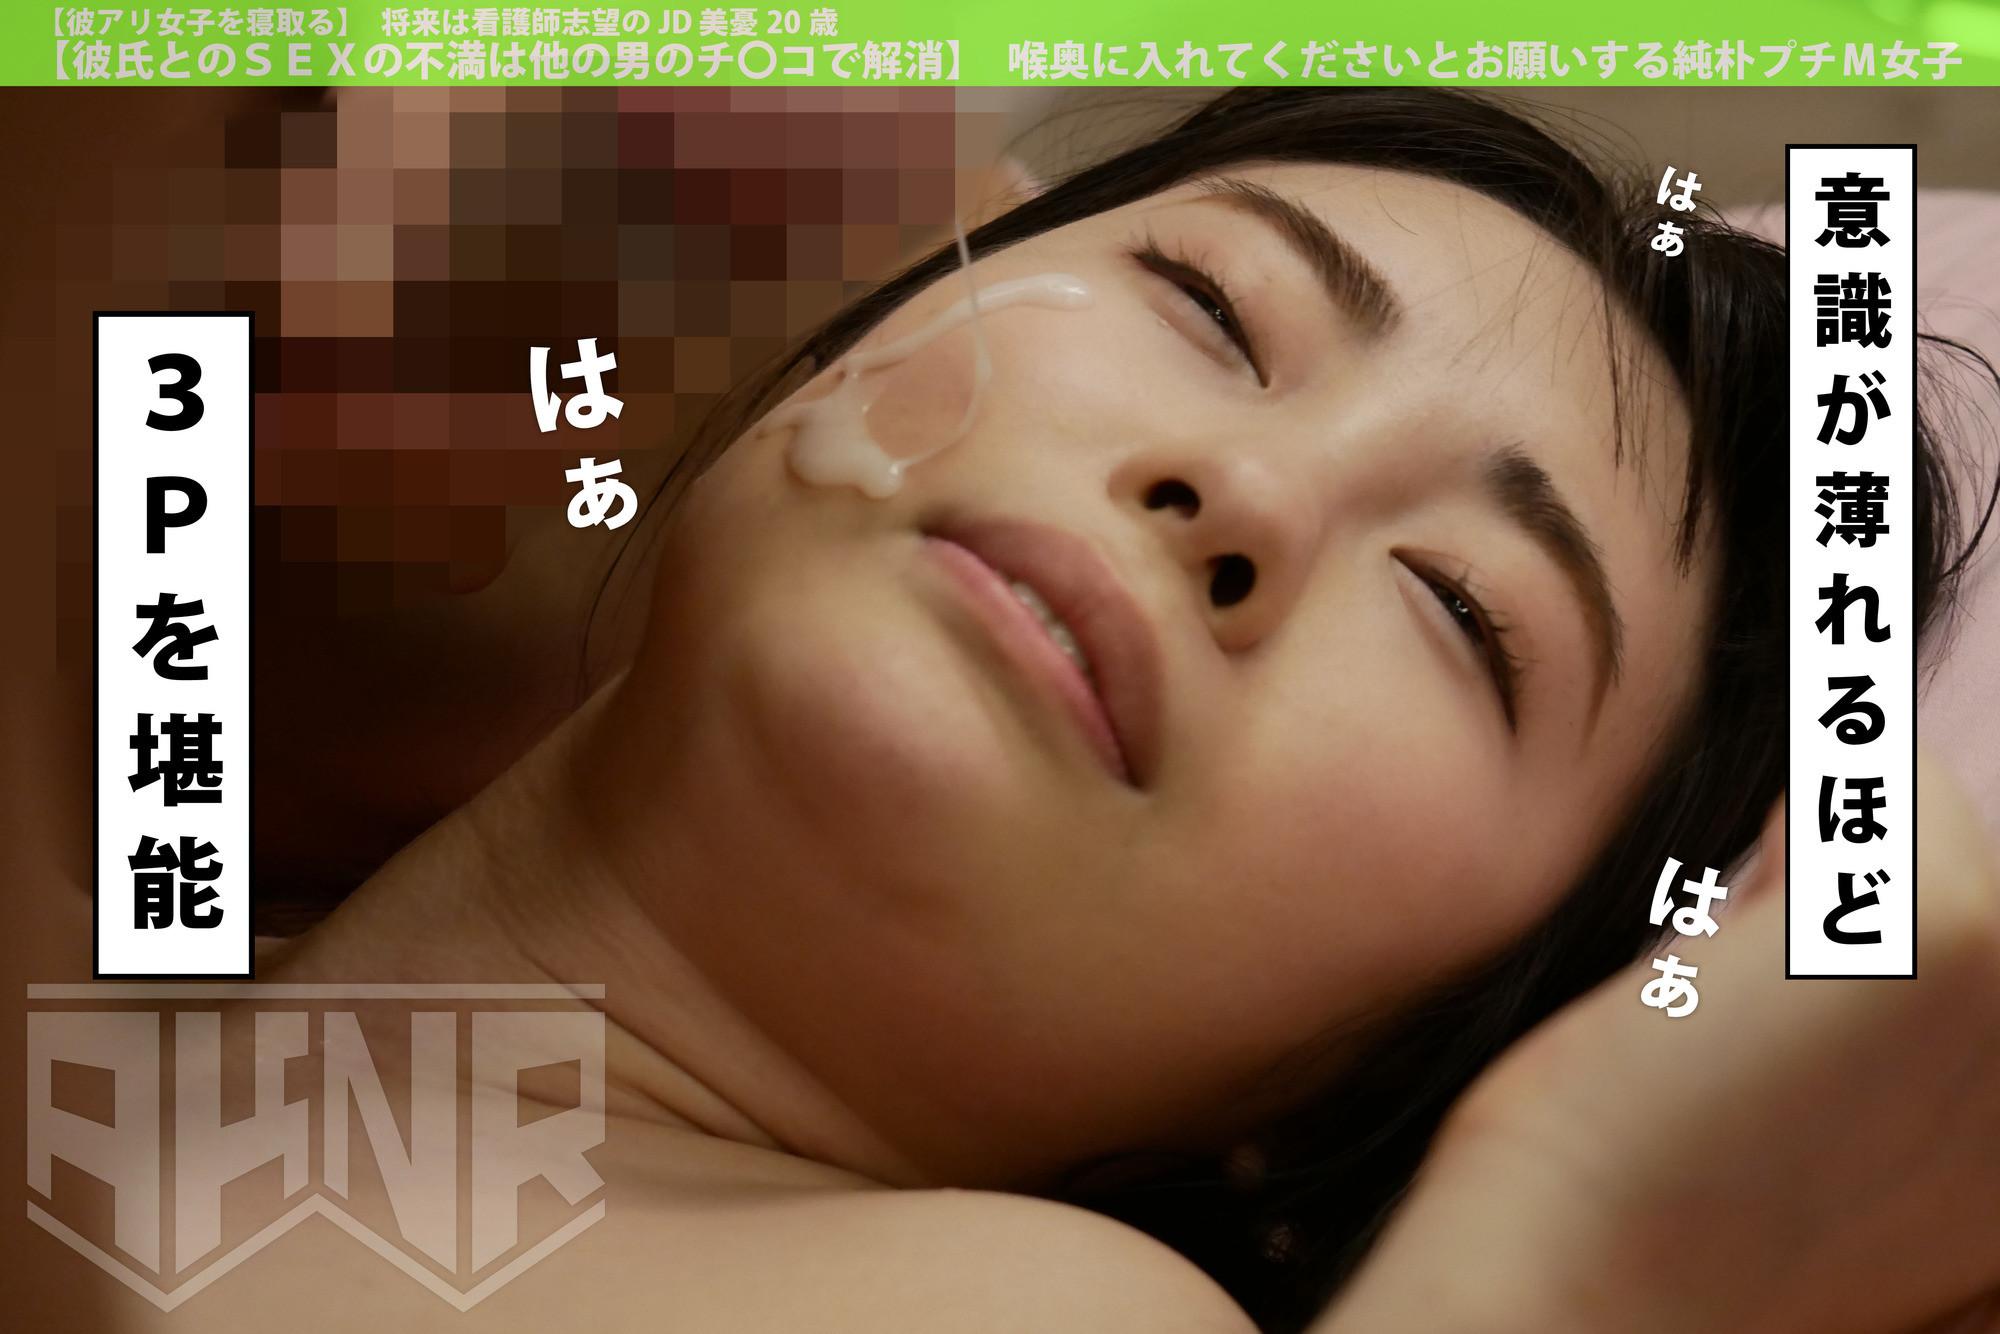 【彼アリ女子を寝取る】 将来は看護師志望のJD 美憂20歳 【彼氏とのSEXの不満は他の男のチ〇コで解消】 喉奥に入れてくださいとお願いする純朴プチM女子 画像7